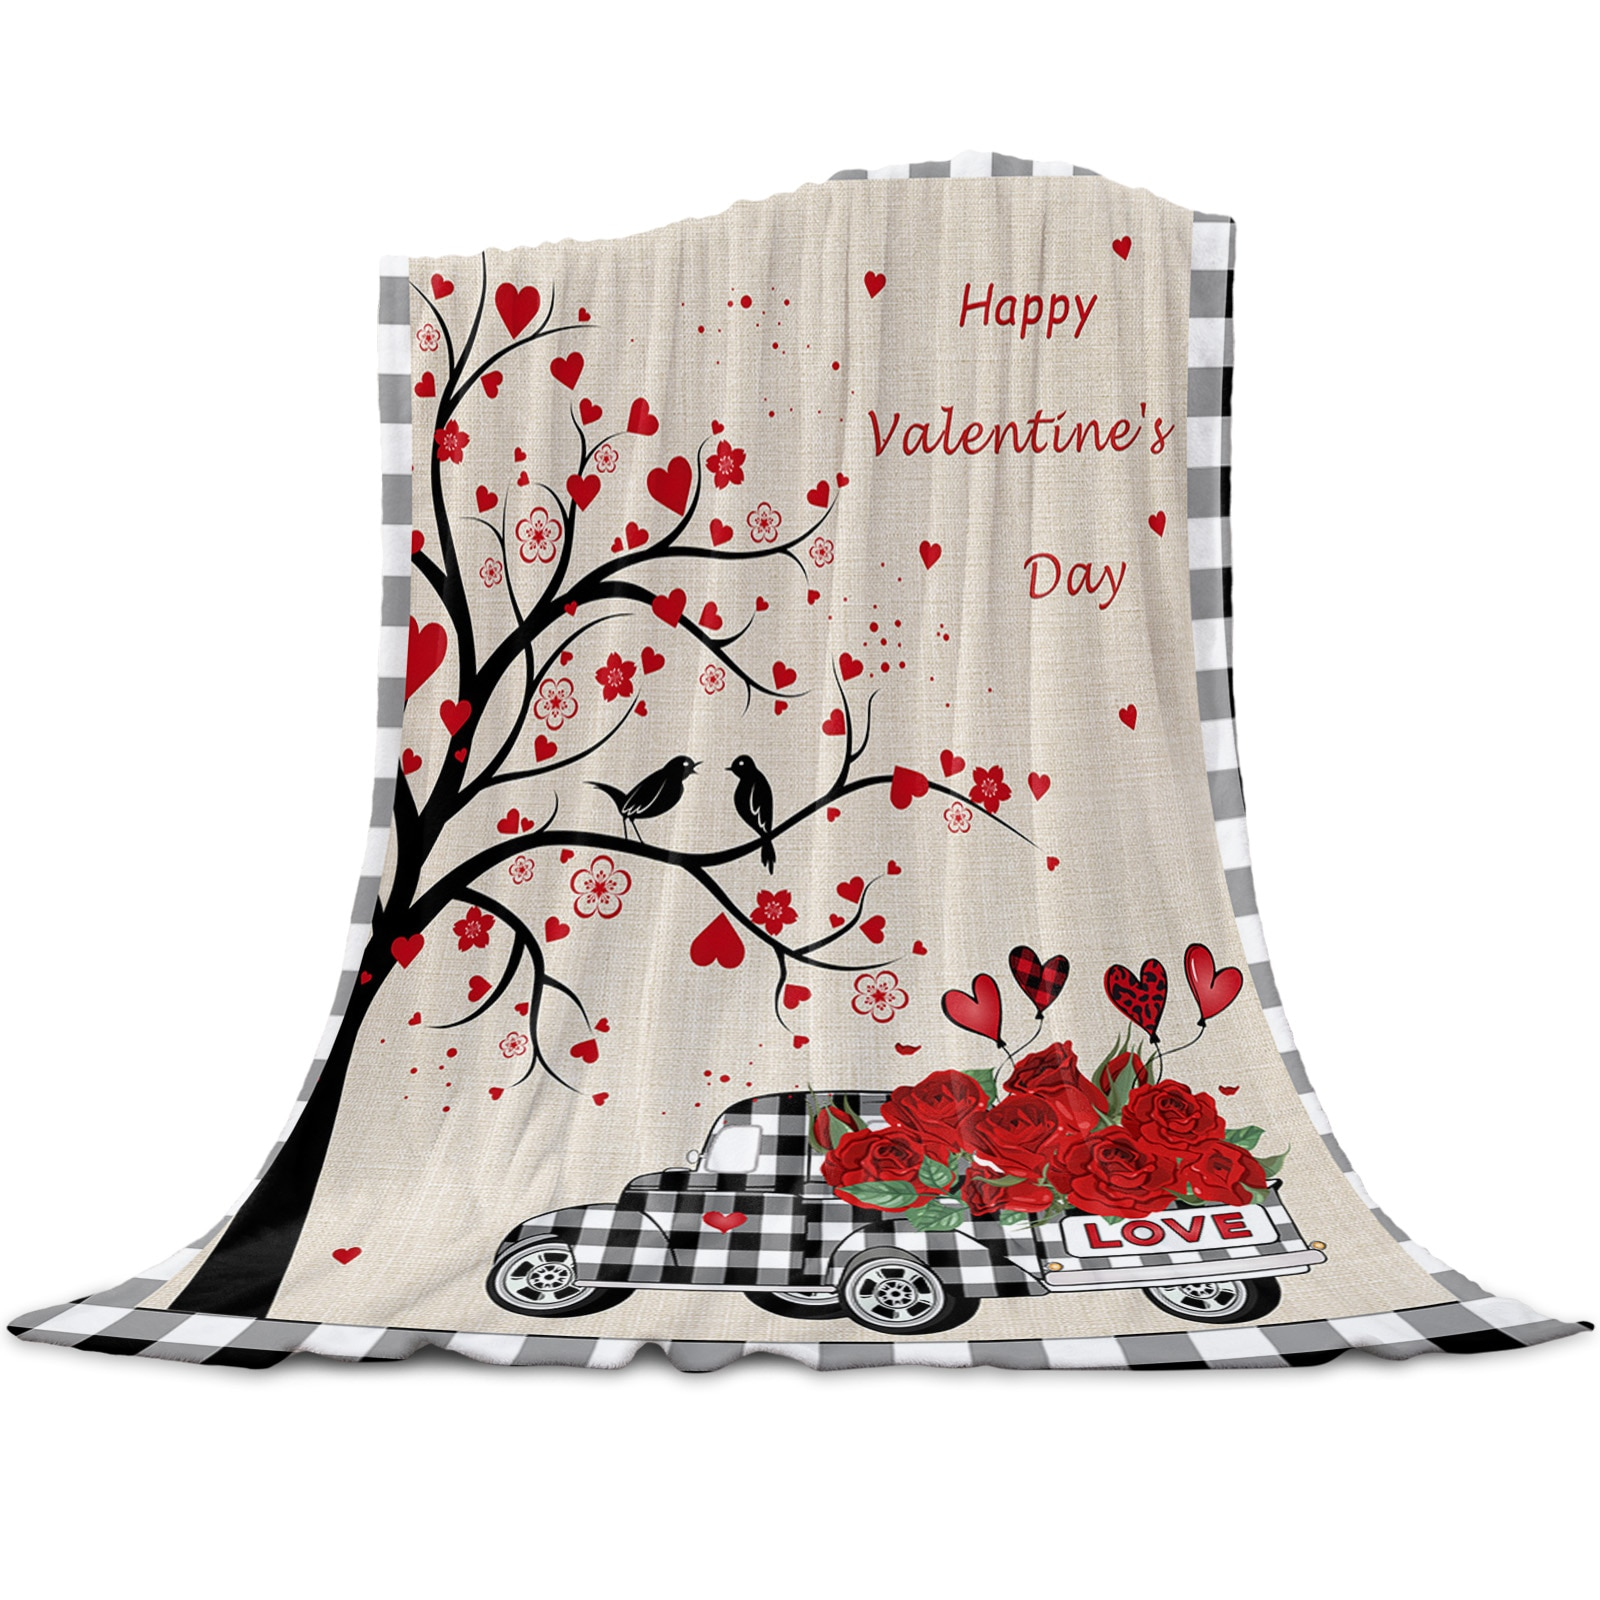 ارتفع عيد الحب شجرة شاحنة رمي بطانية للأسرة ستوكات الفانيلا بطانية دافئة أريكة الفراش المفرش الهدايا